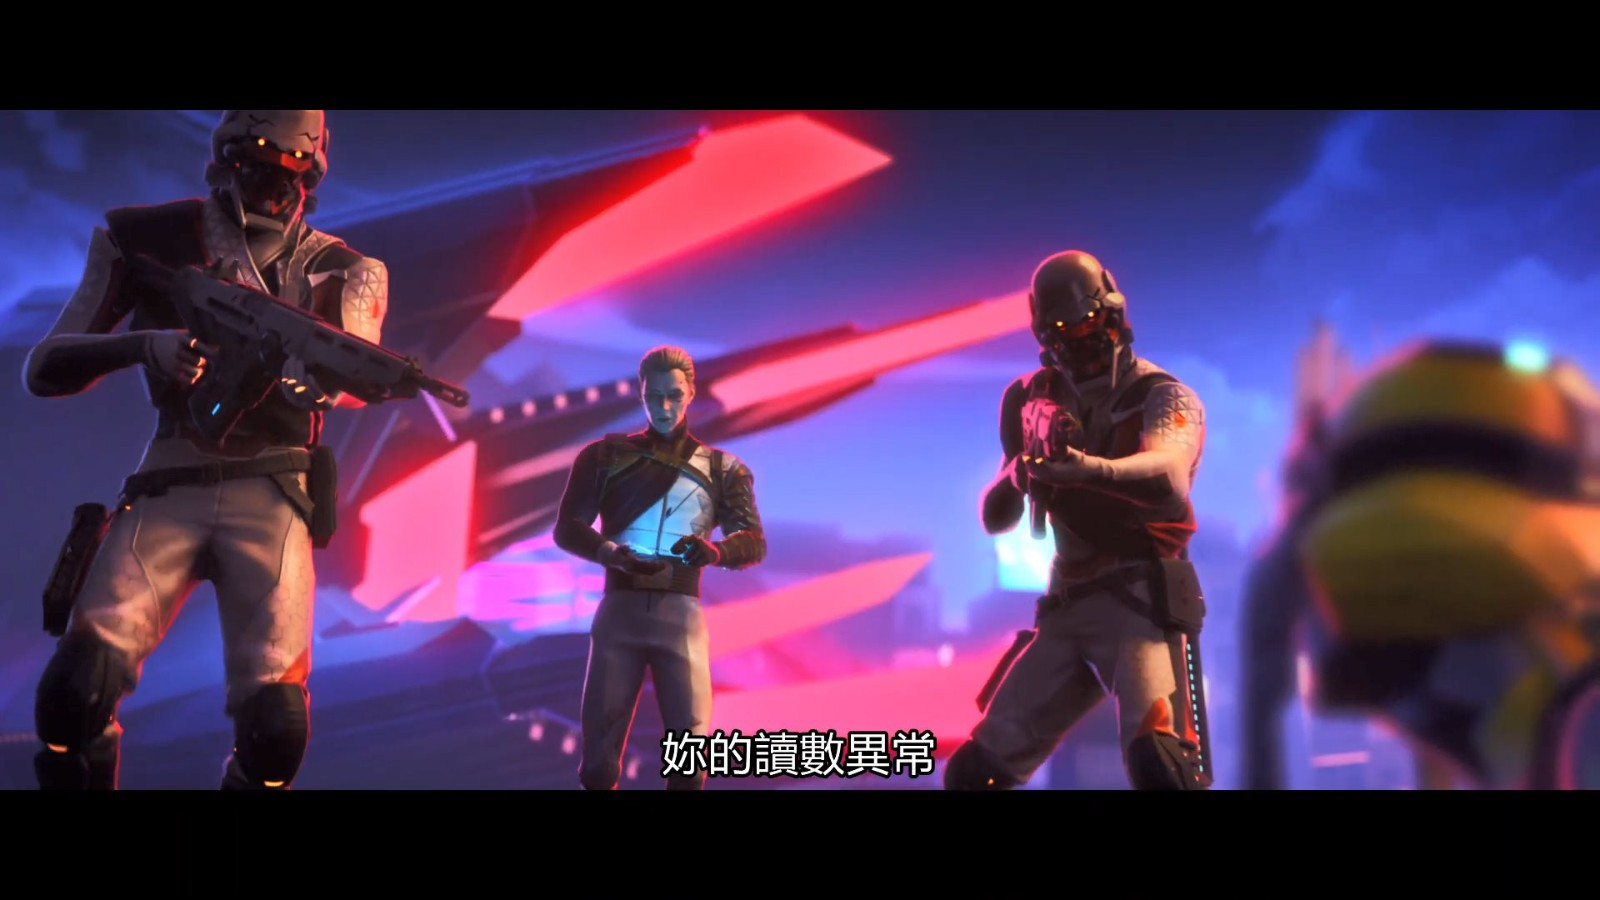 育碧《超猎都市》第三赛季3月11日上线 CG式宣传片发布